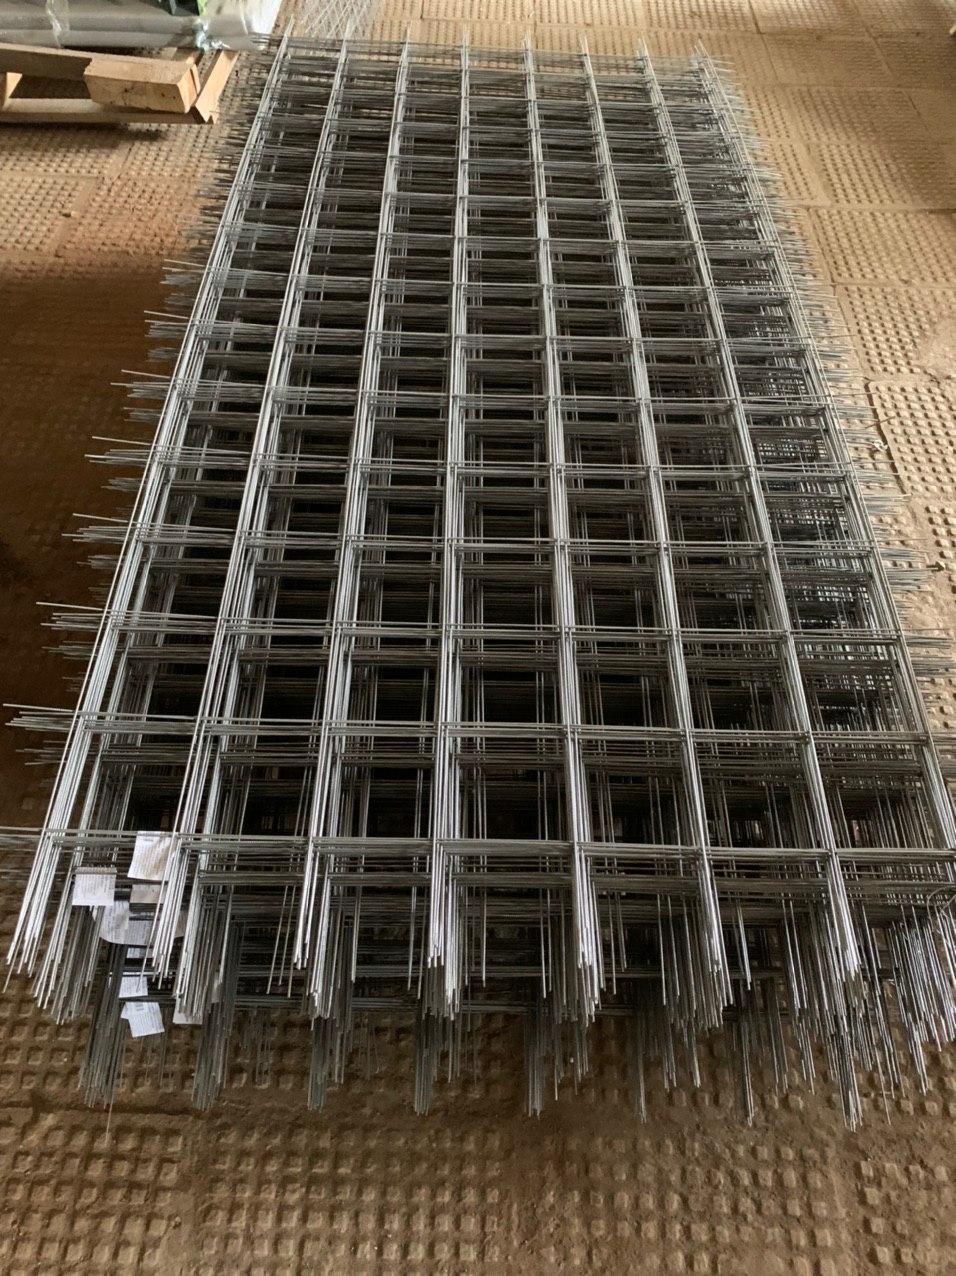 Сетка Армапояс 50х50 мм, Ø 3,0 мм, ширина 1 м длина 2 м